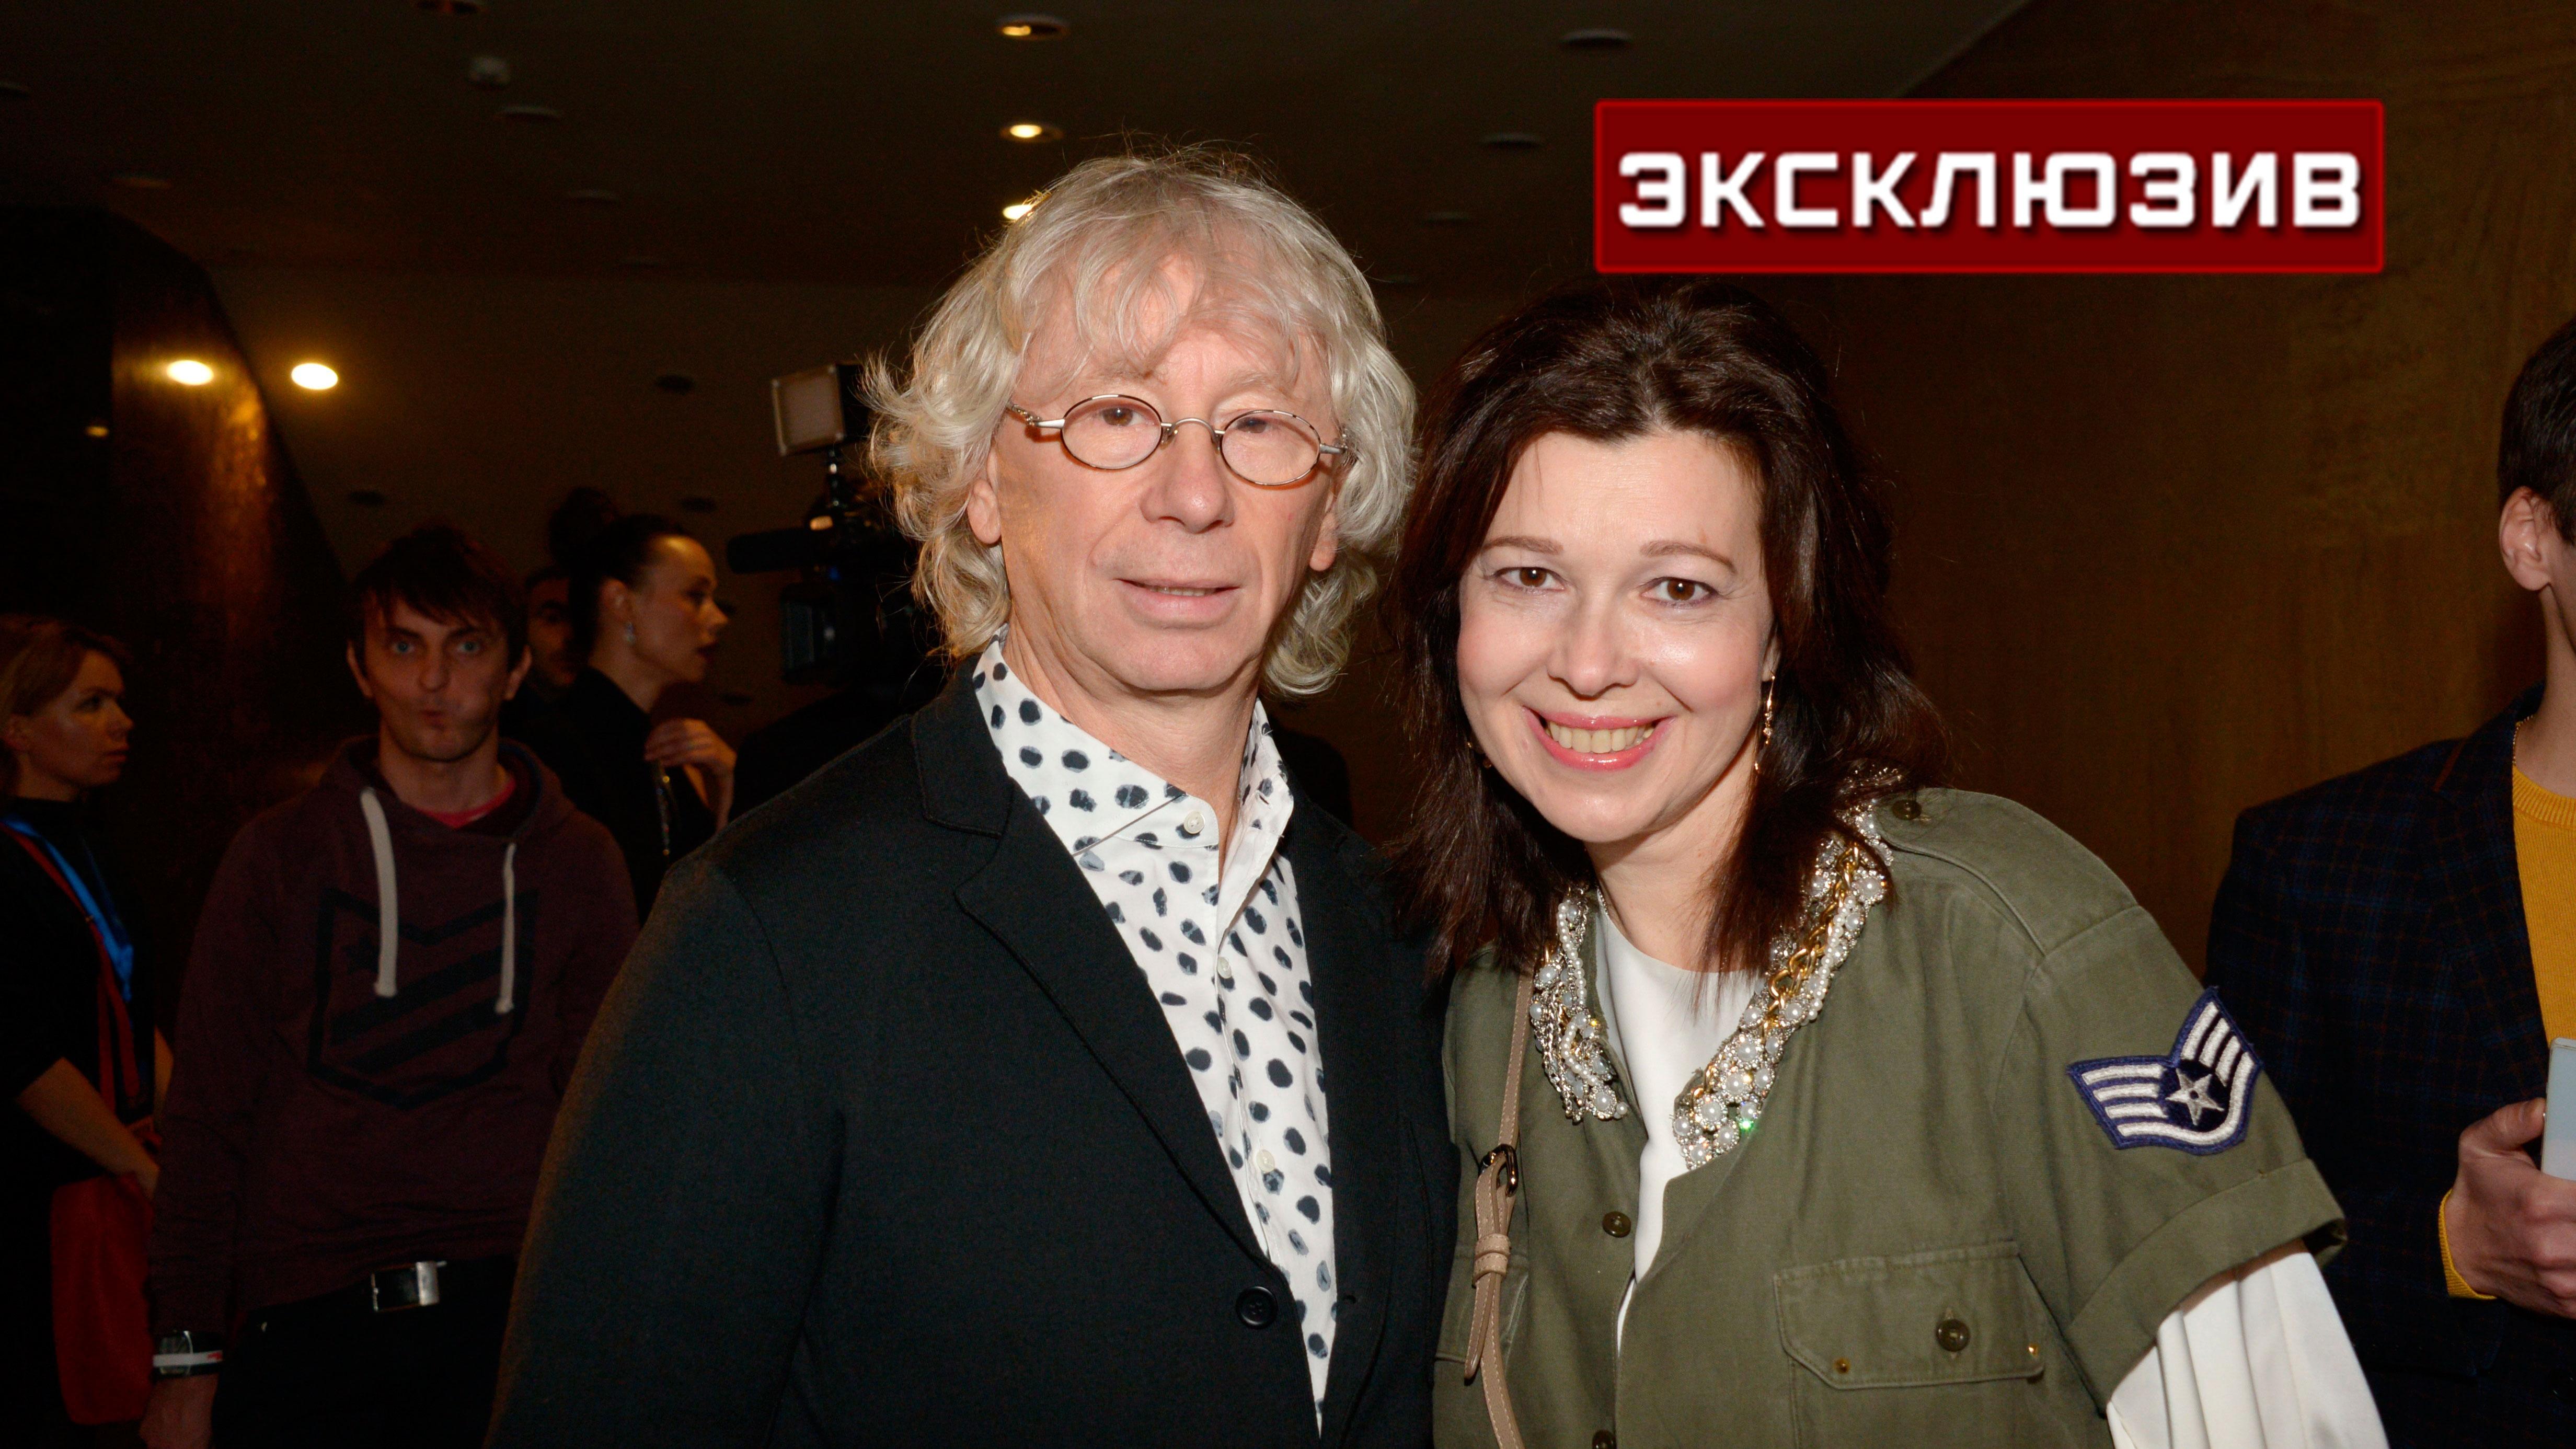 Жена Укупника рассказала, как чувствует себя певец после контакта с Лещенко